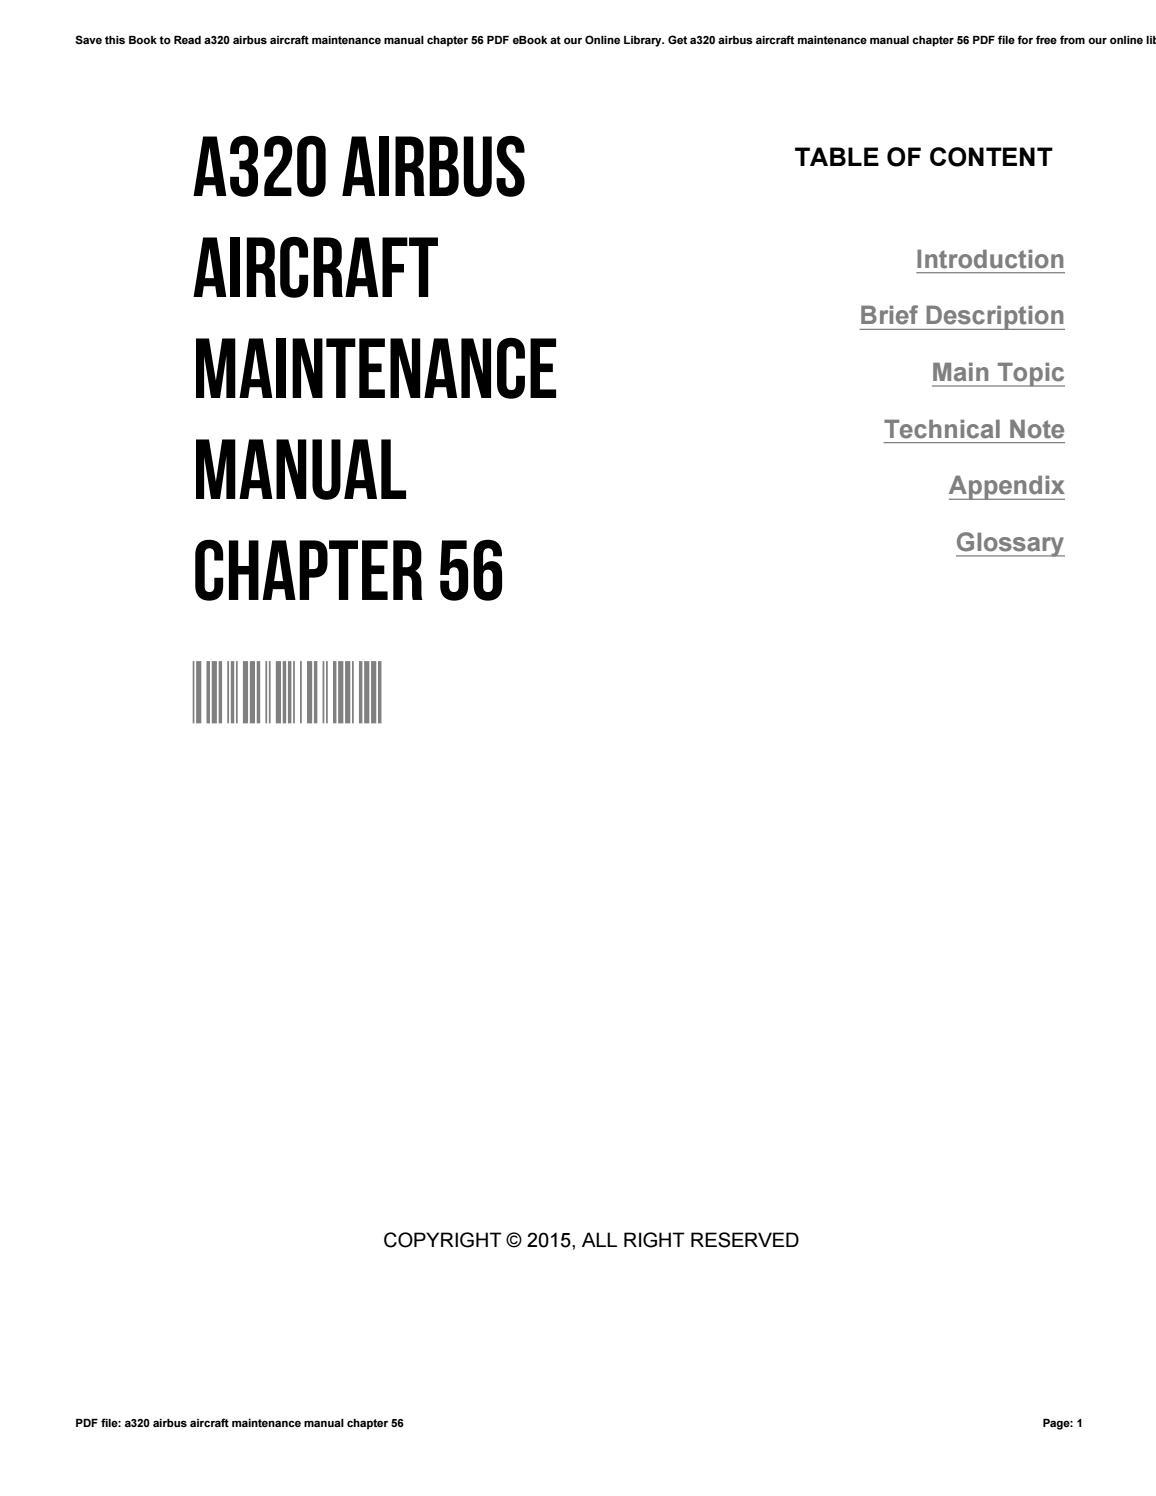 Airbus A320 Handbook